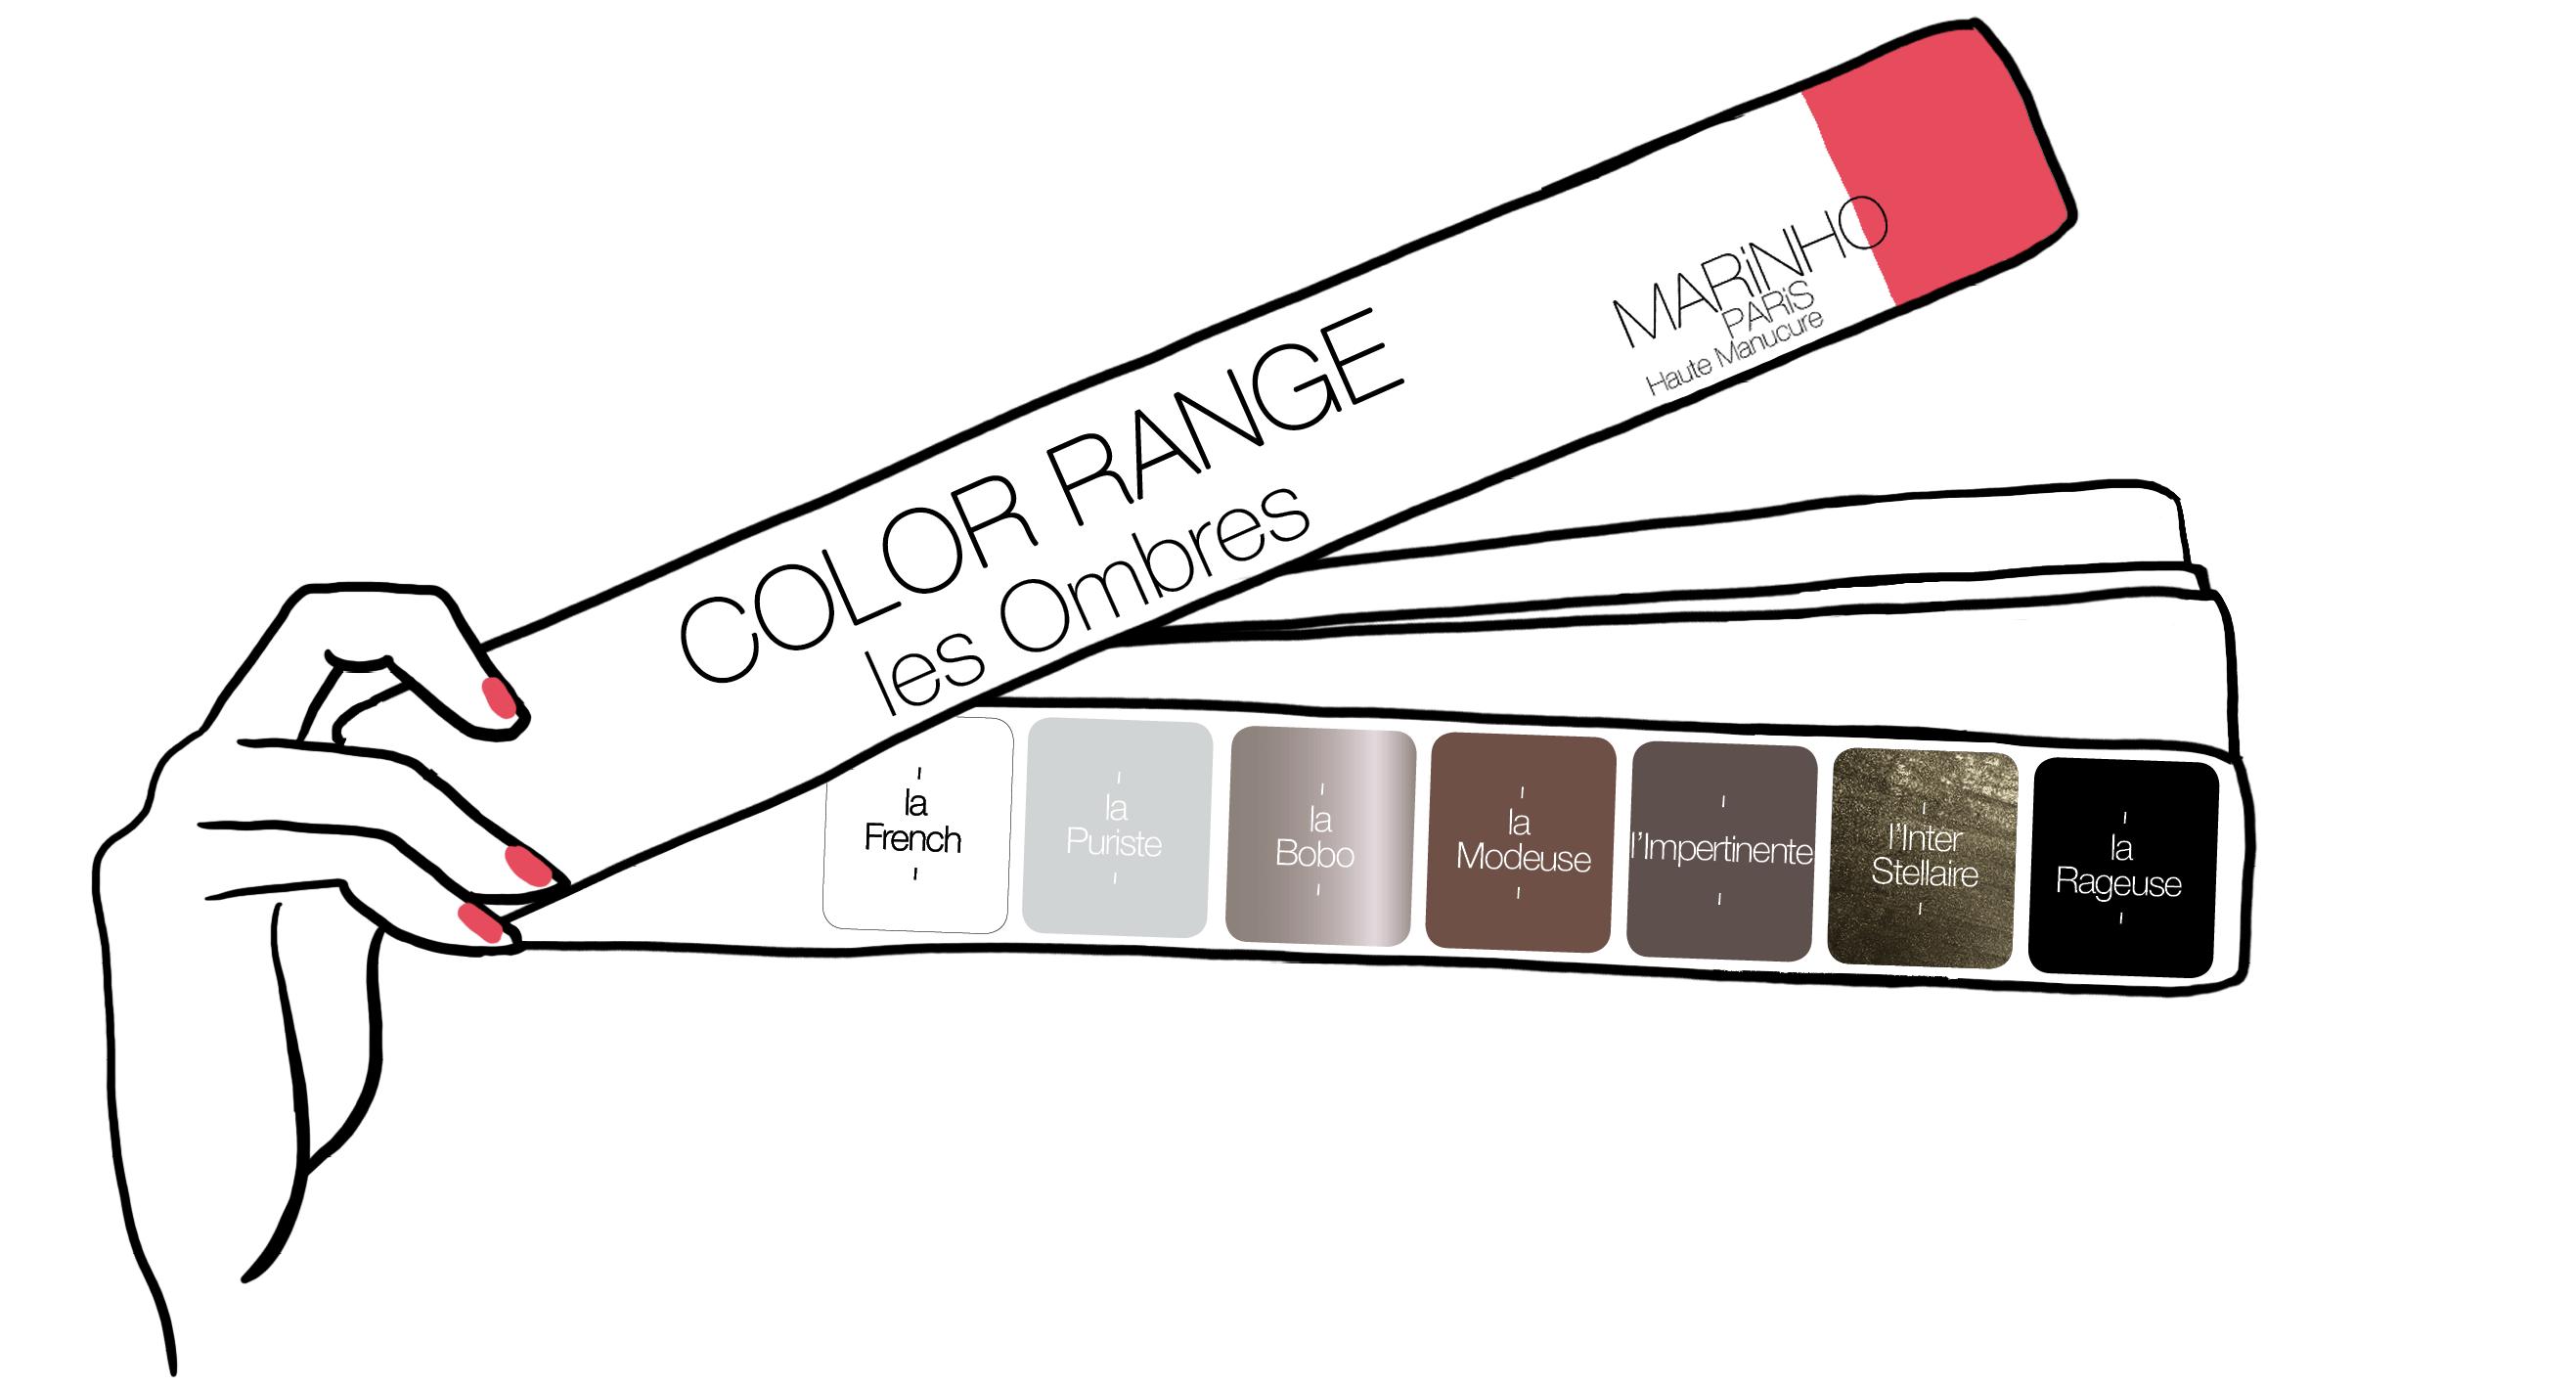 gamme couleur marinho paris été 2019 pour la croisière. Vernis gris et marron